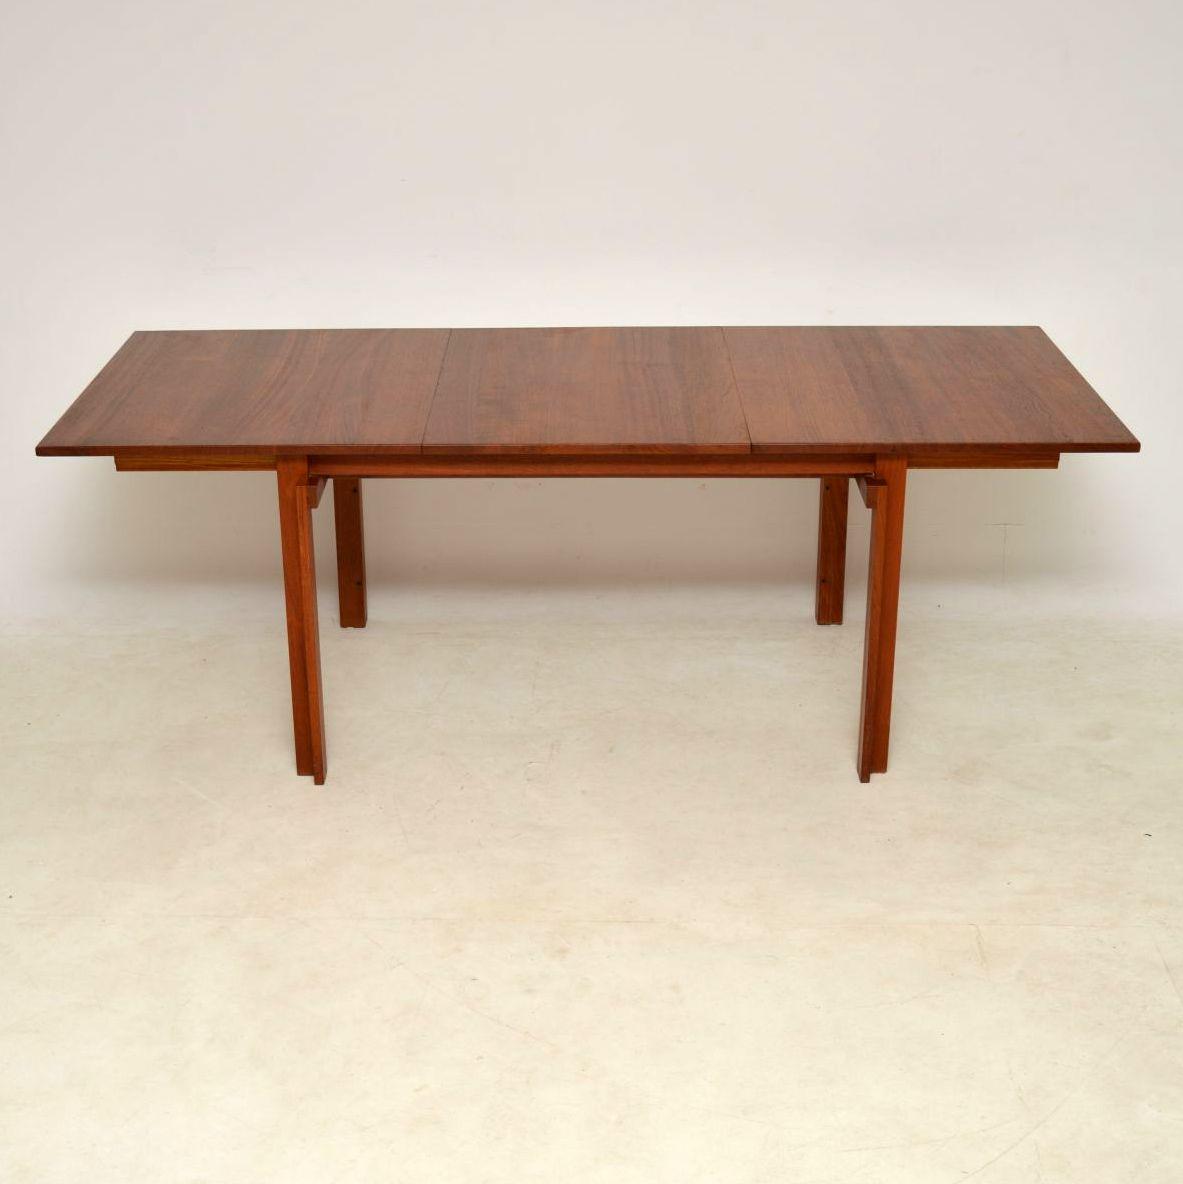 ... 1960u0027s Vintage Danish Teak Dining Table By Inger Klingenberg For France  ...